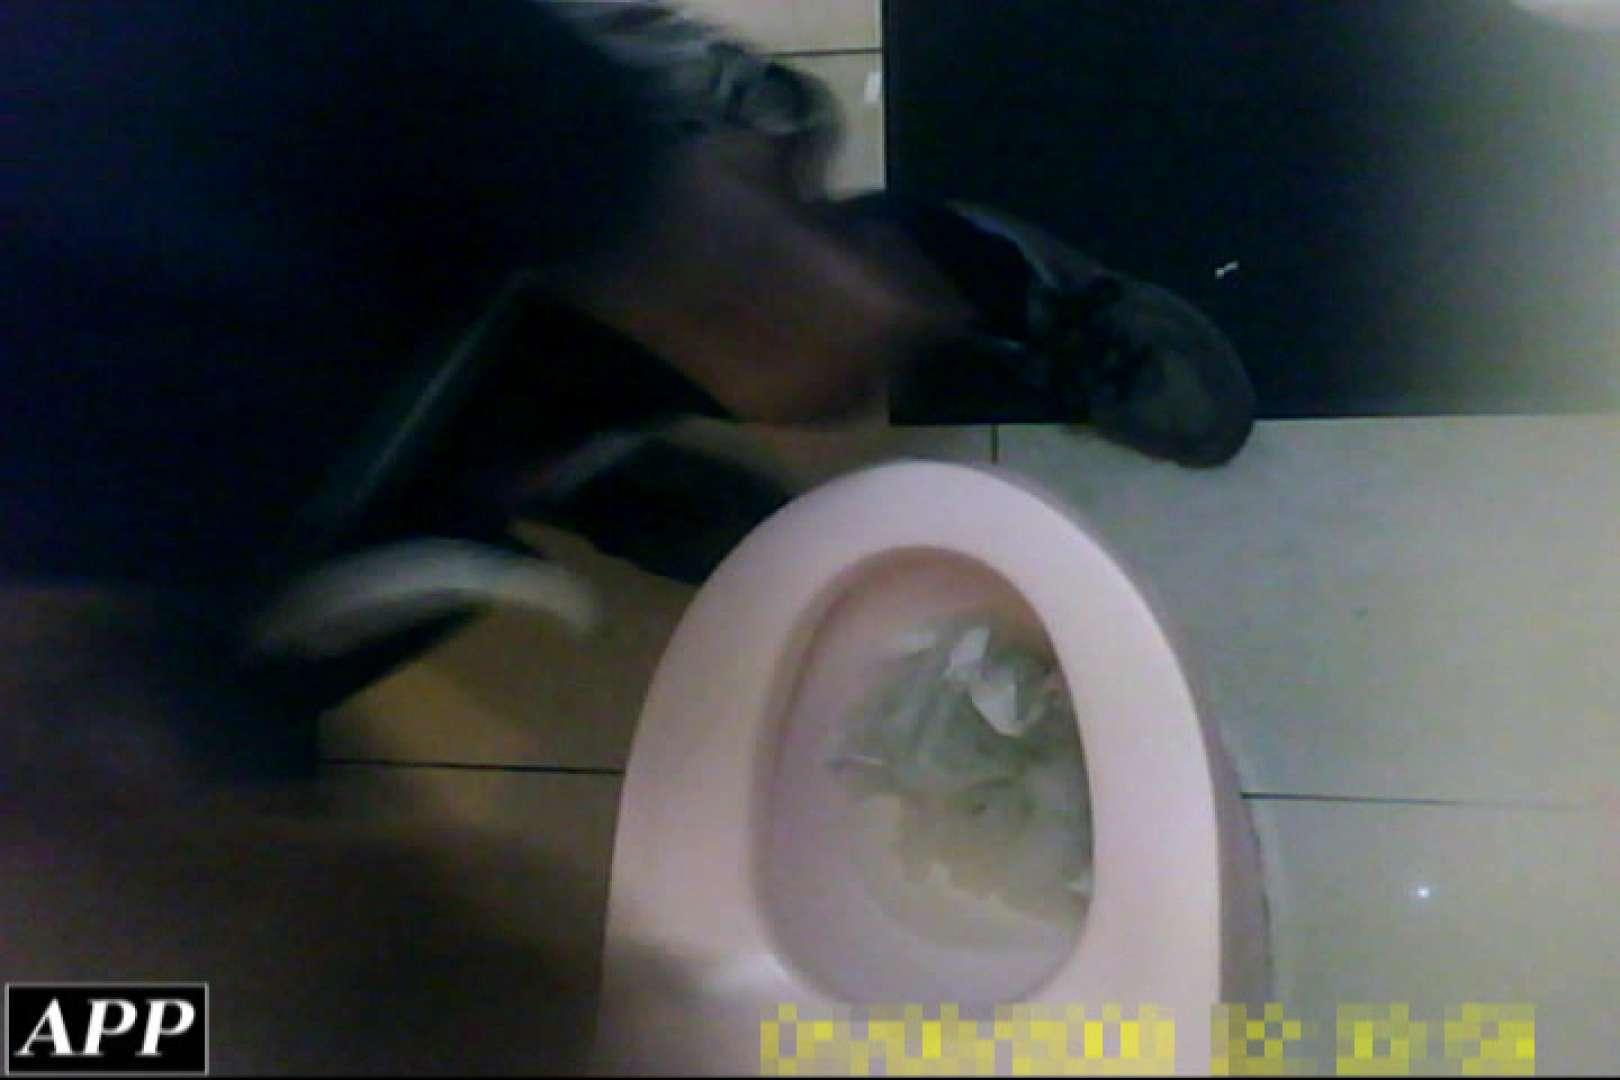 3視点洗面所 vol.83 マンコ・ムレムレ | 洗面所突入  106pic 25